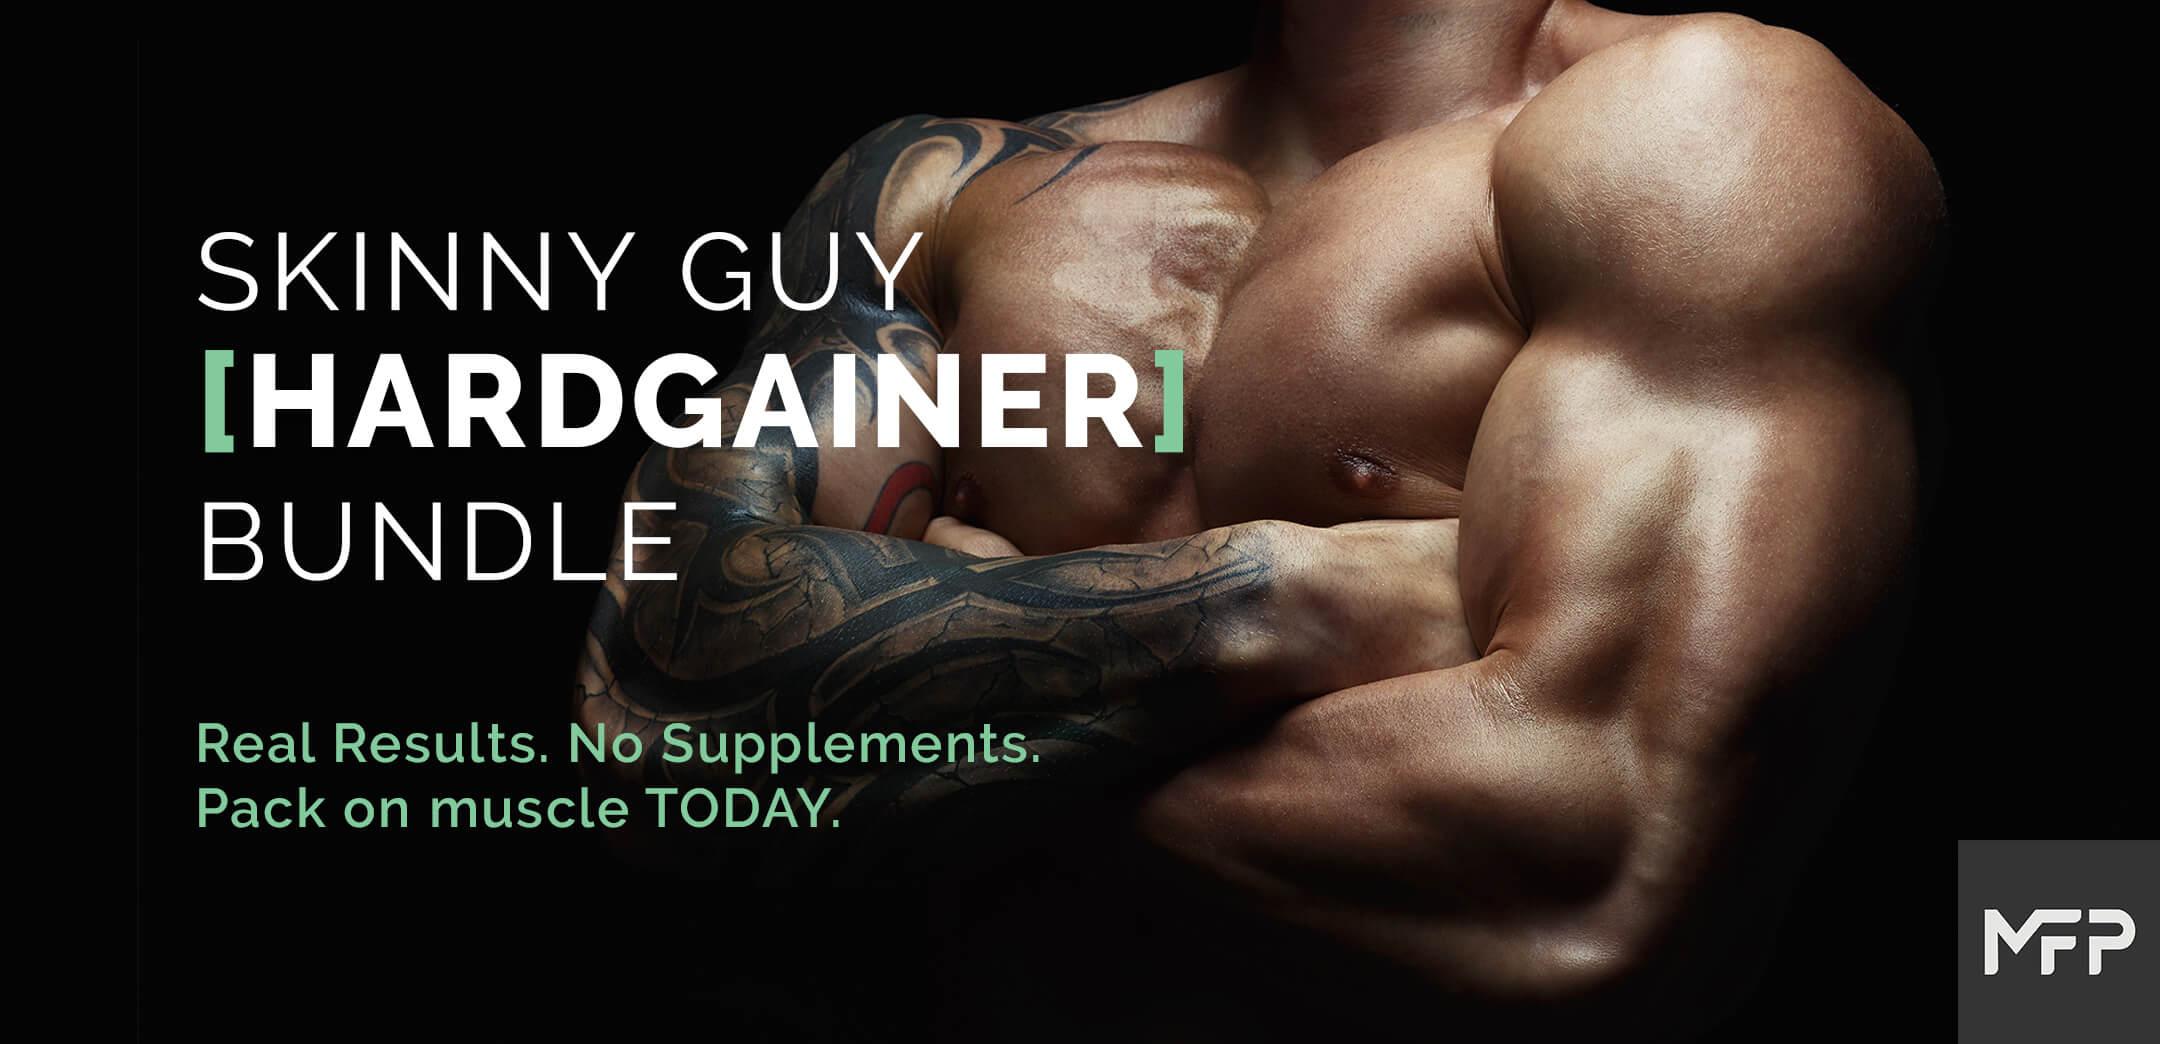 Skinny Guy banner Image